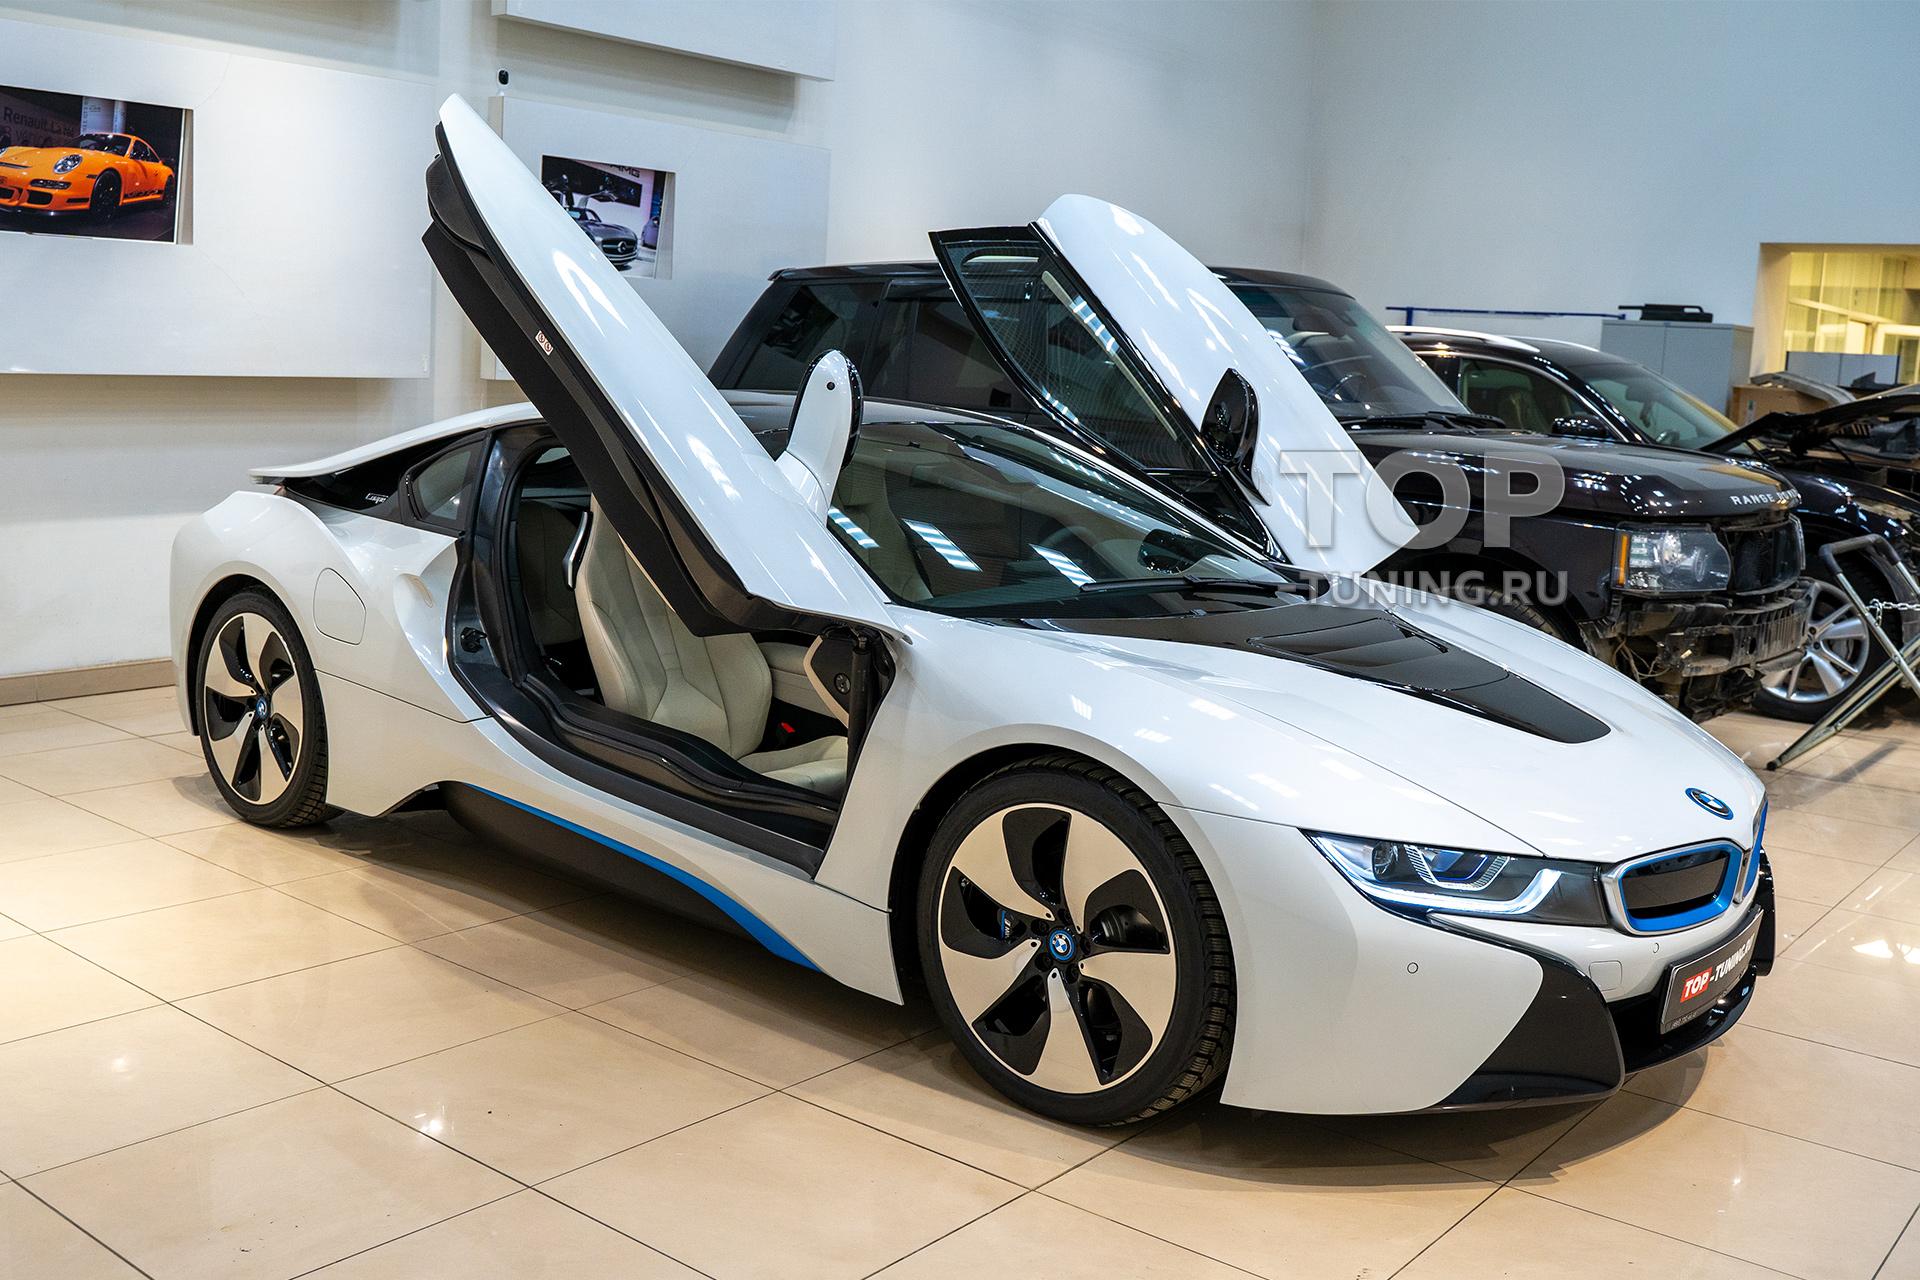 103737 Бронирование оптики и детейлинг салона на BMW i8